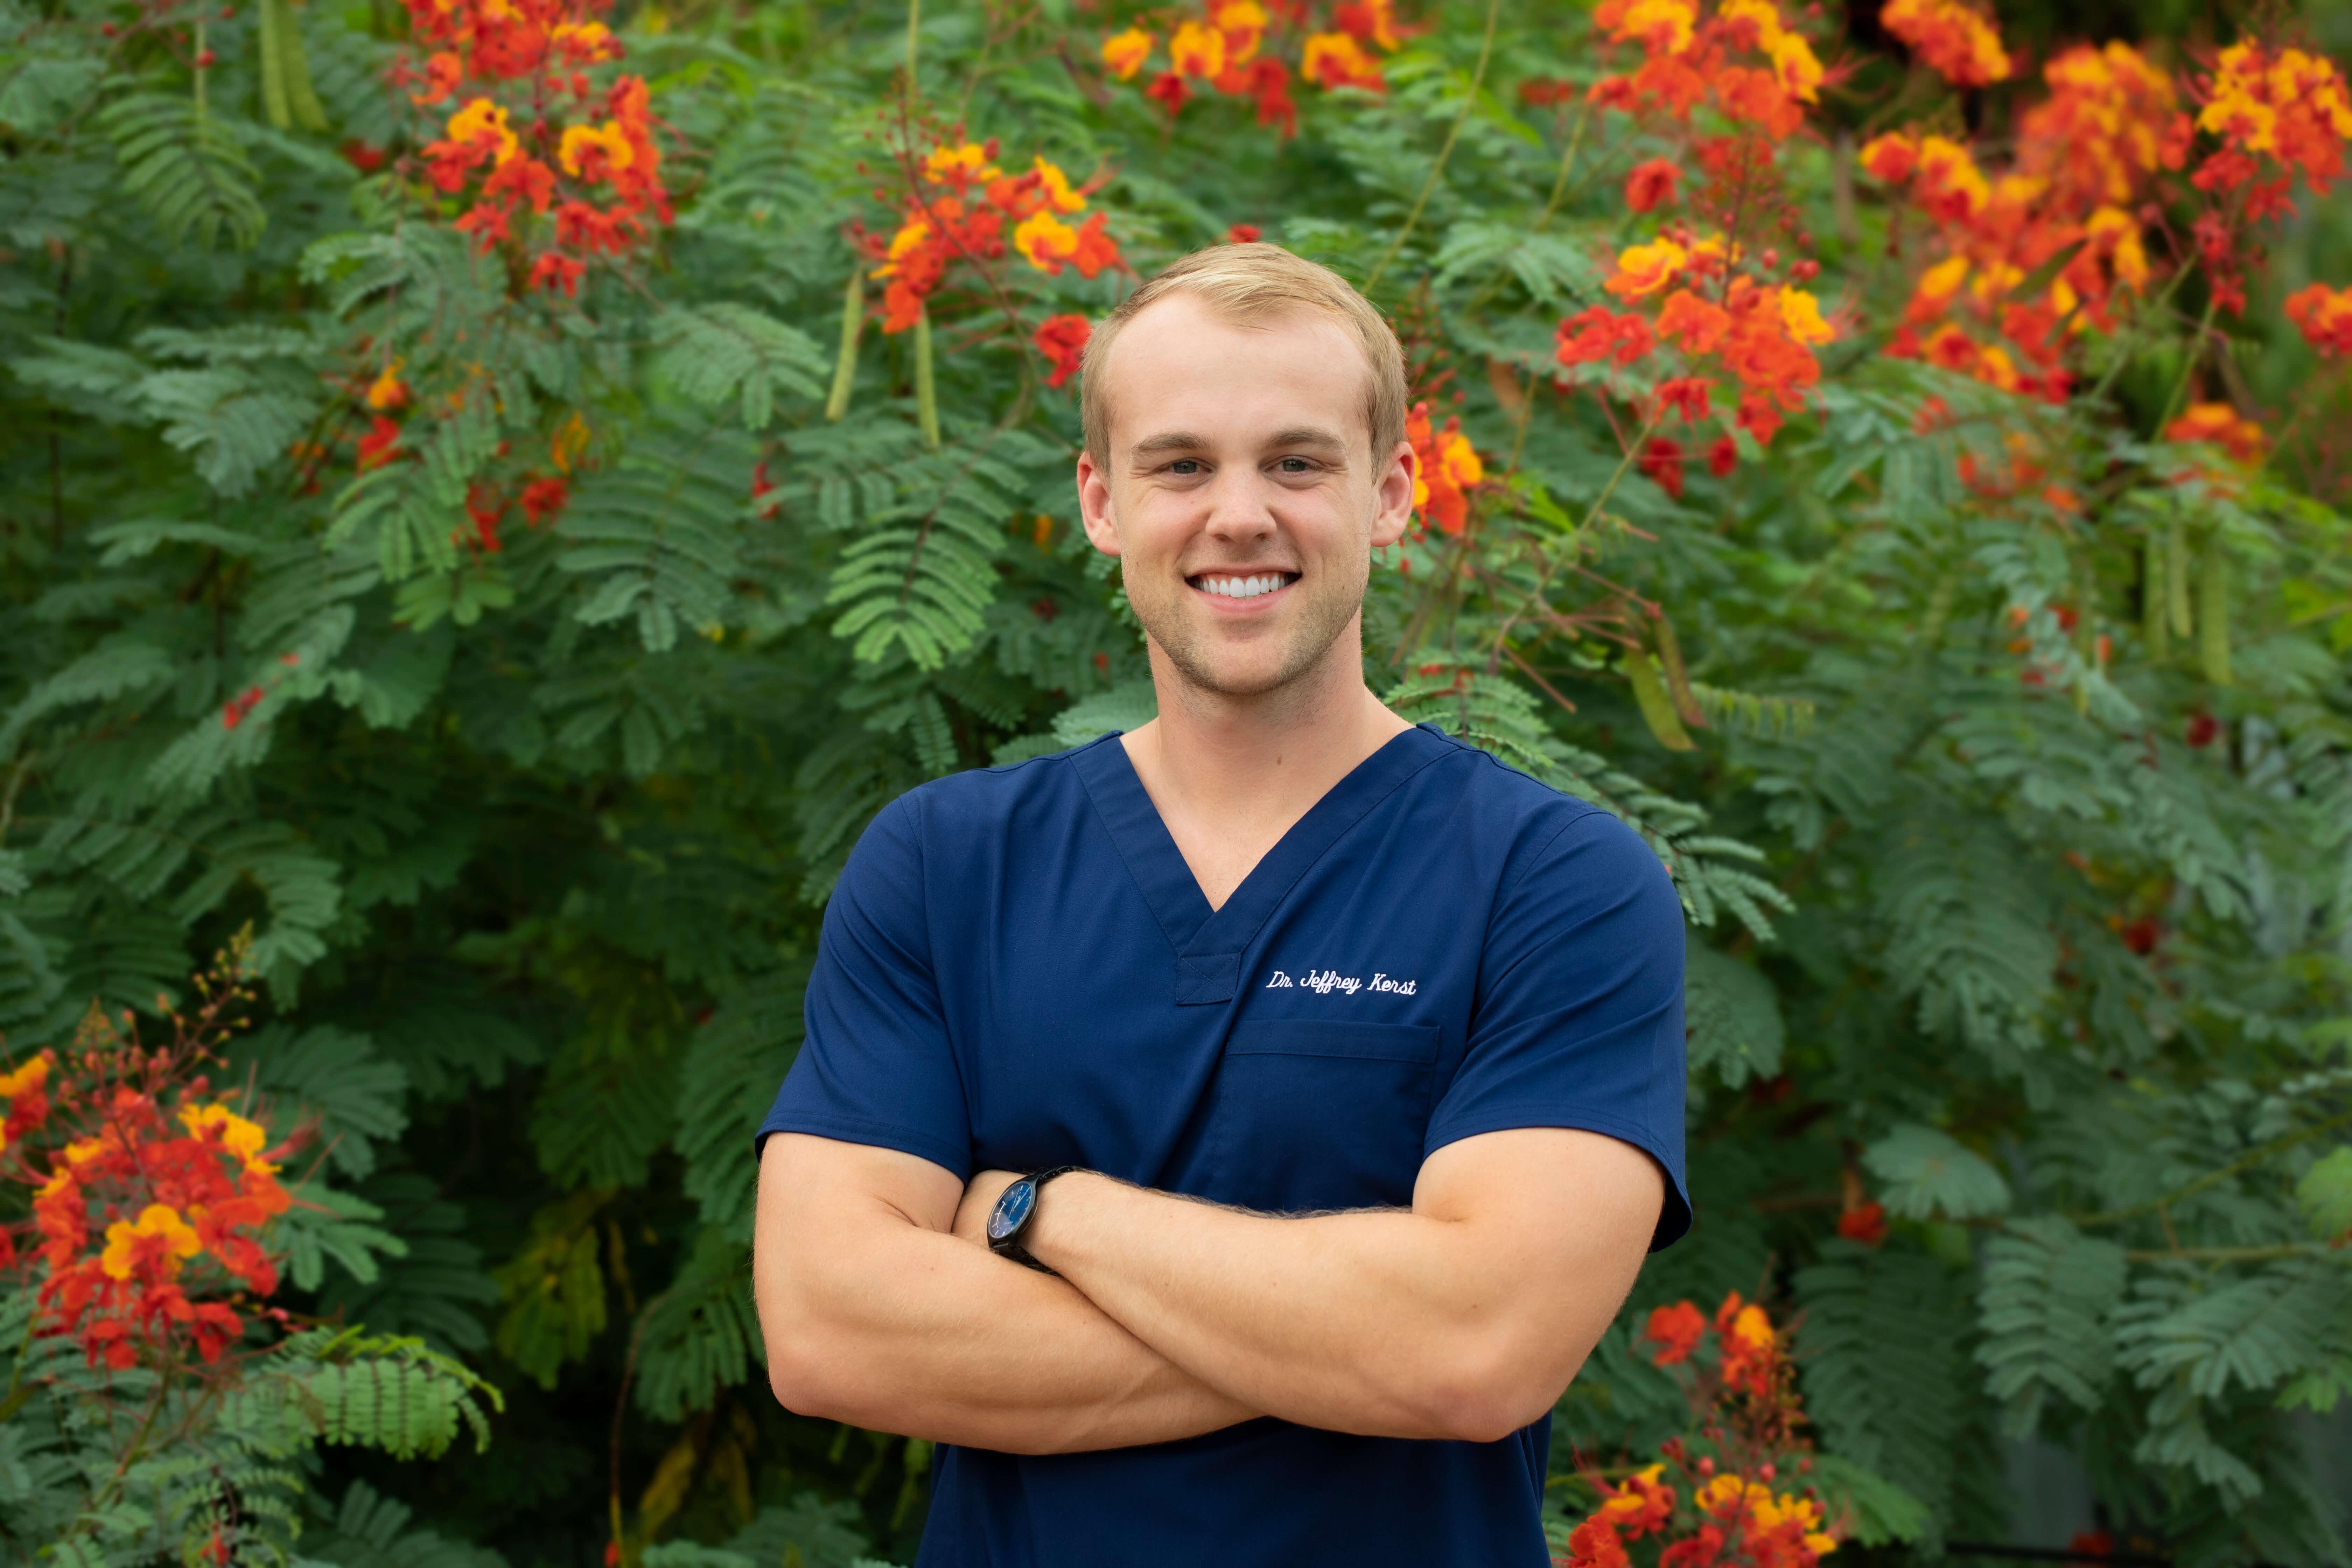 Dr. Jeffrey Kerst